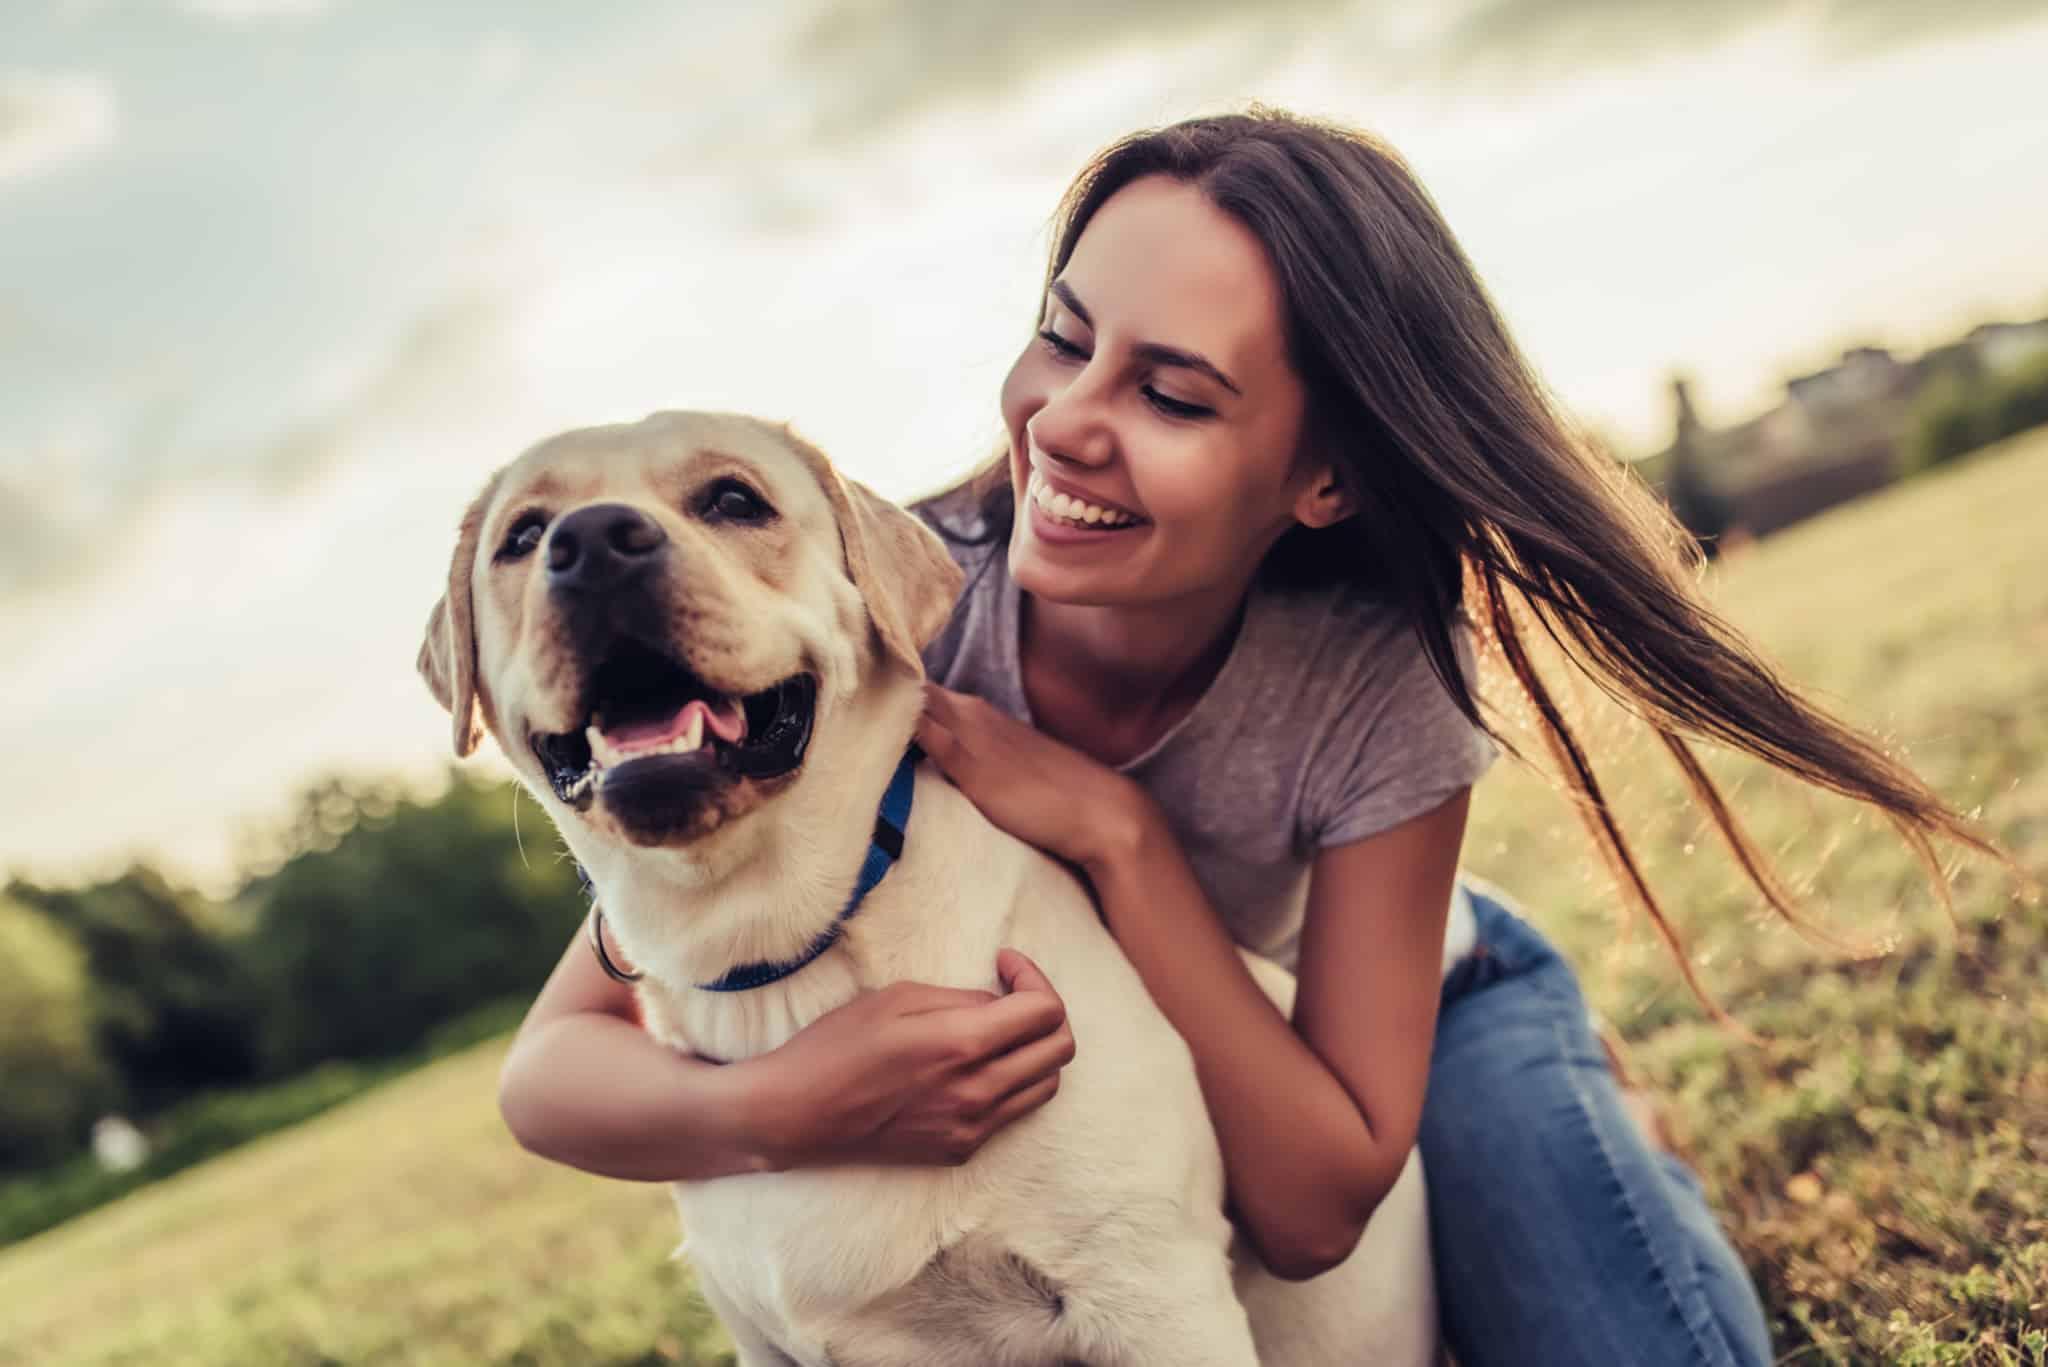 girl loving her dog